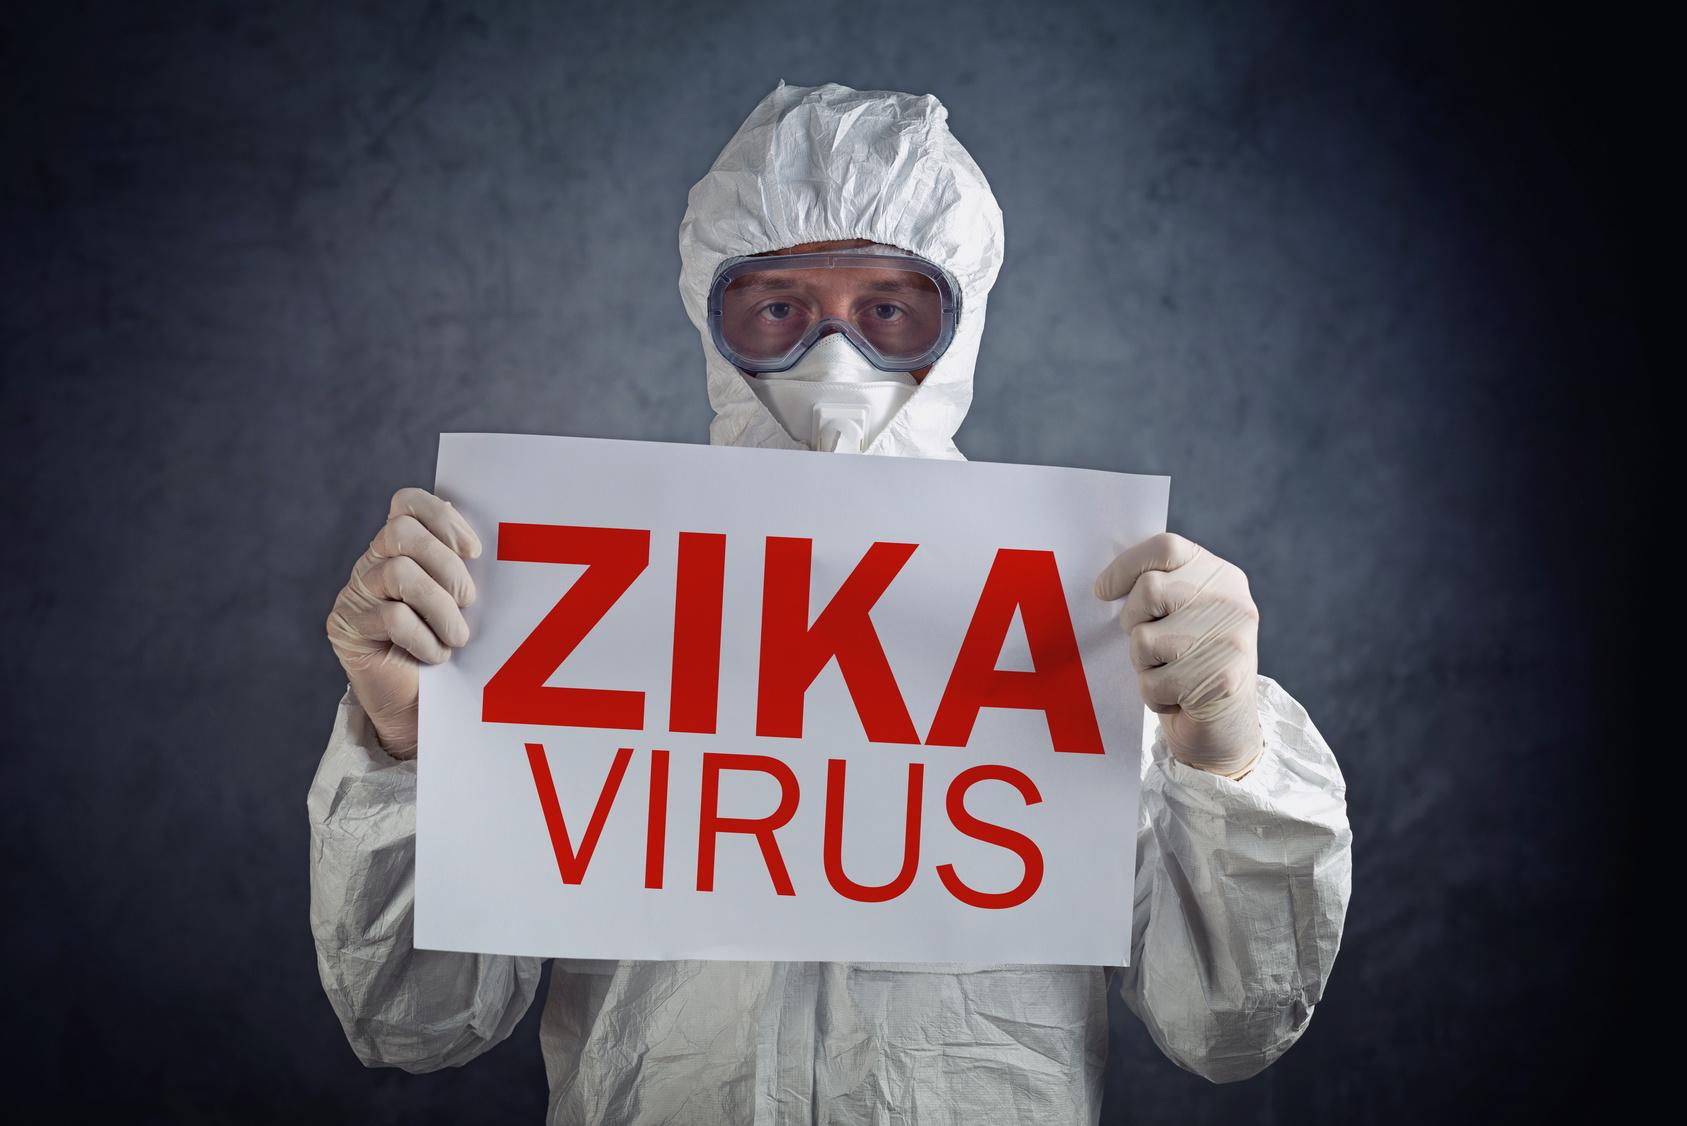 ВОЗ: Случаи передачи вируса Зика зафиксированы в 72 странах